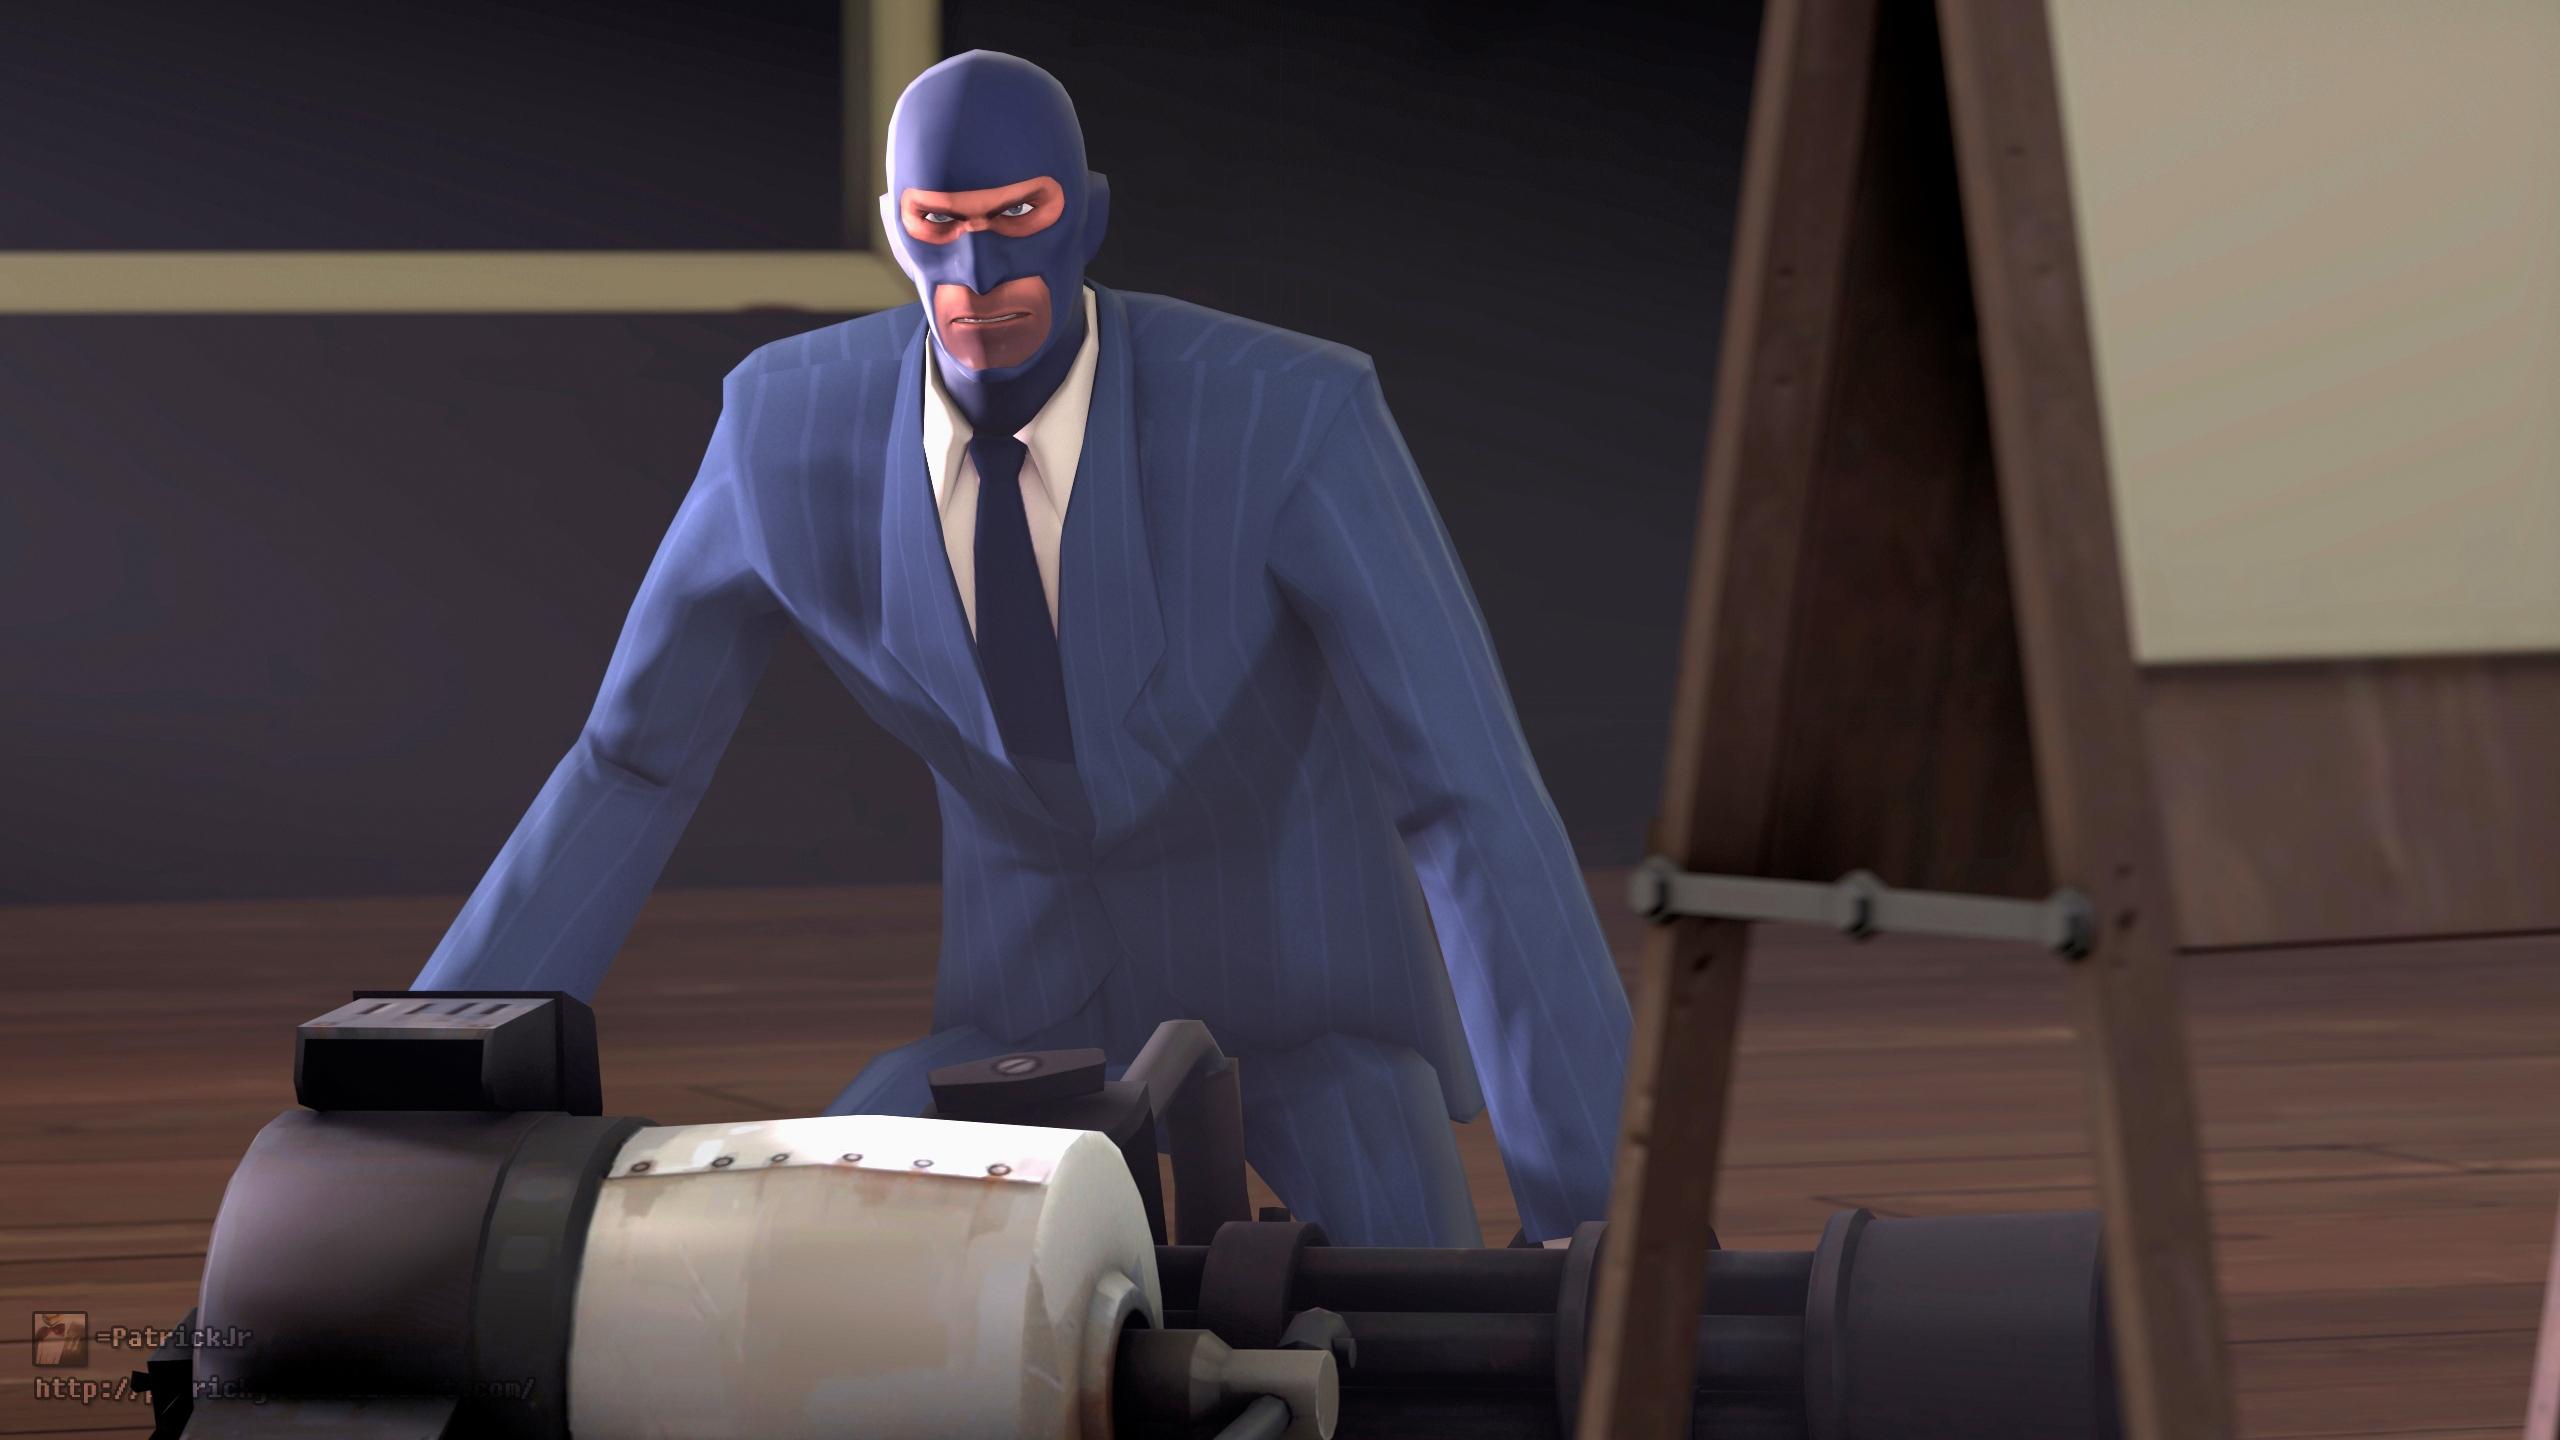 SFM Poster: Spy Weaponizer by PatrickJr